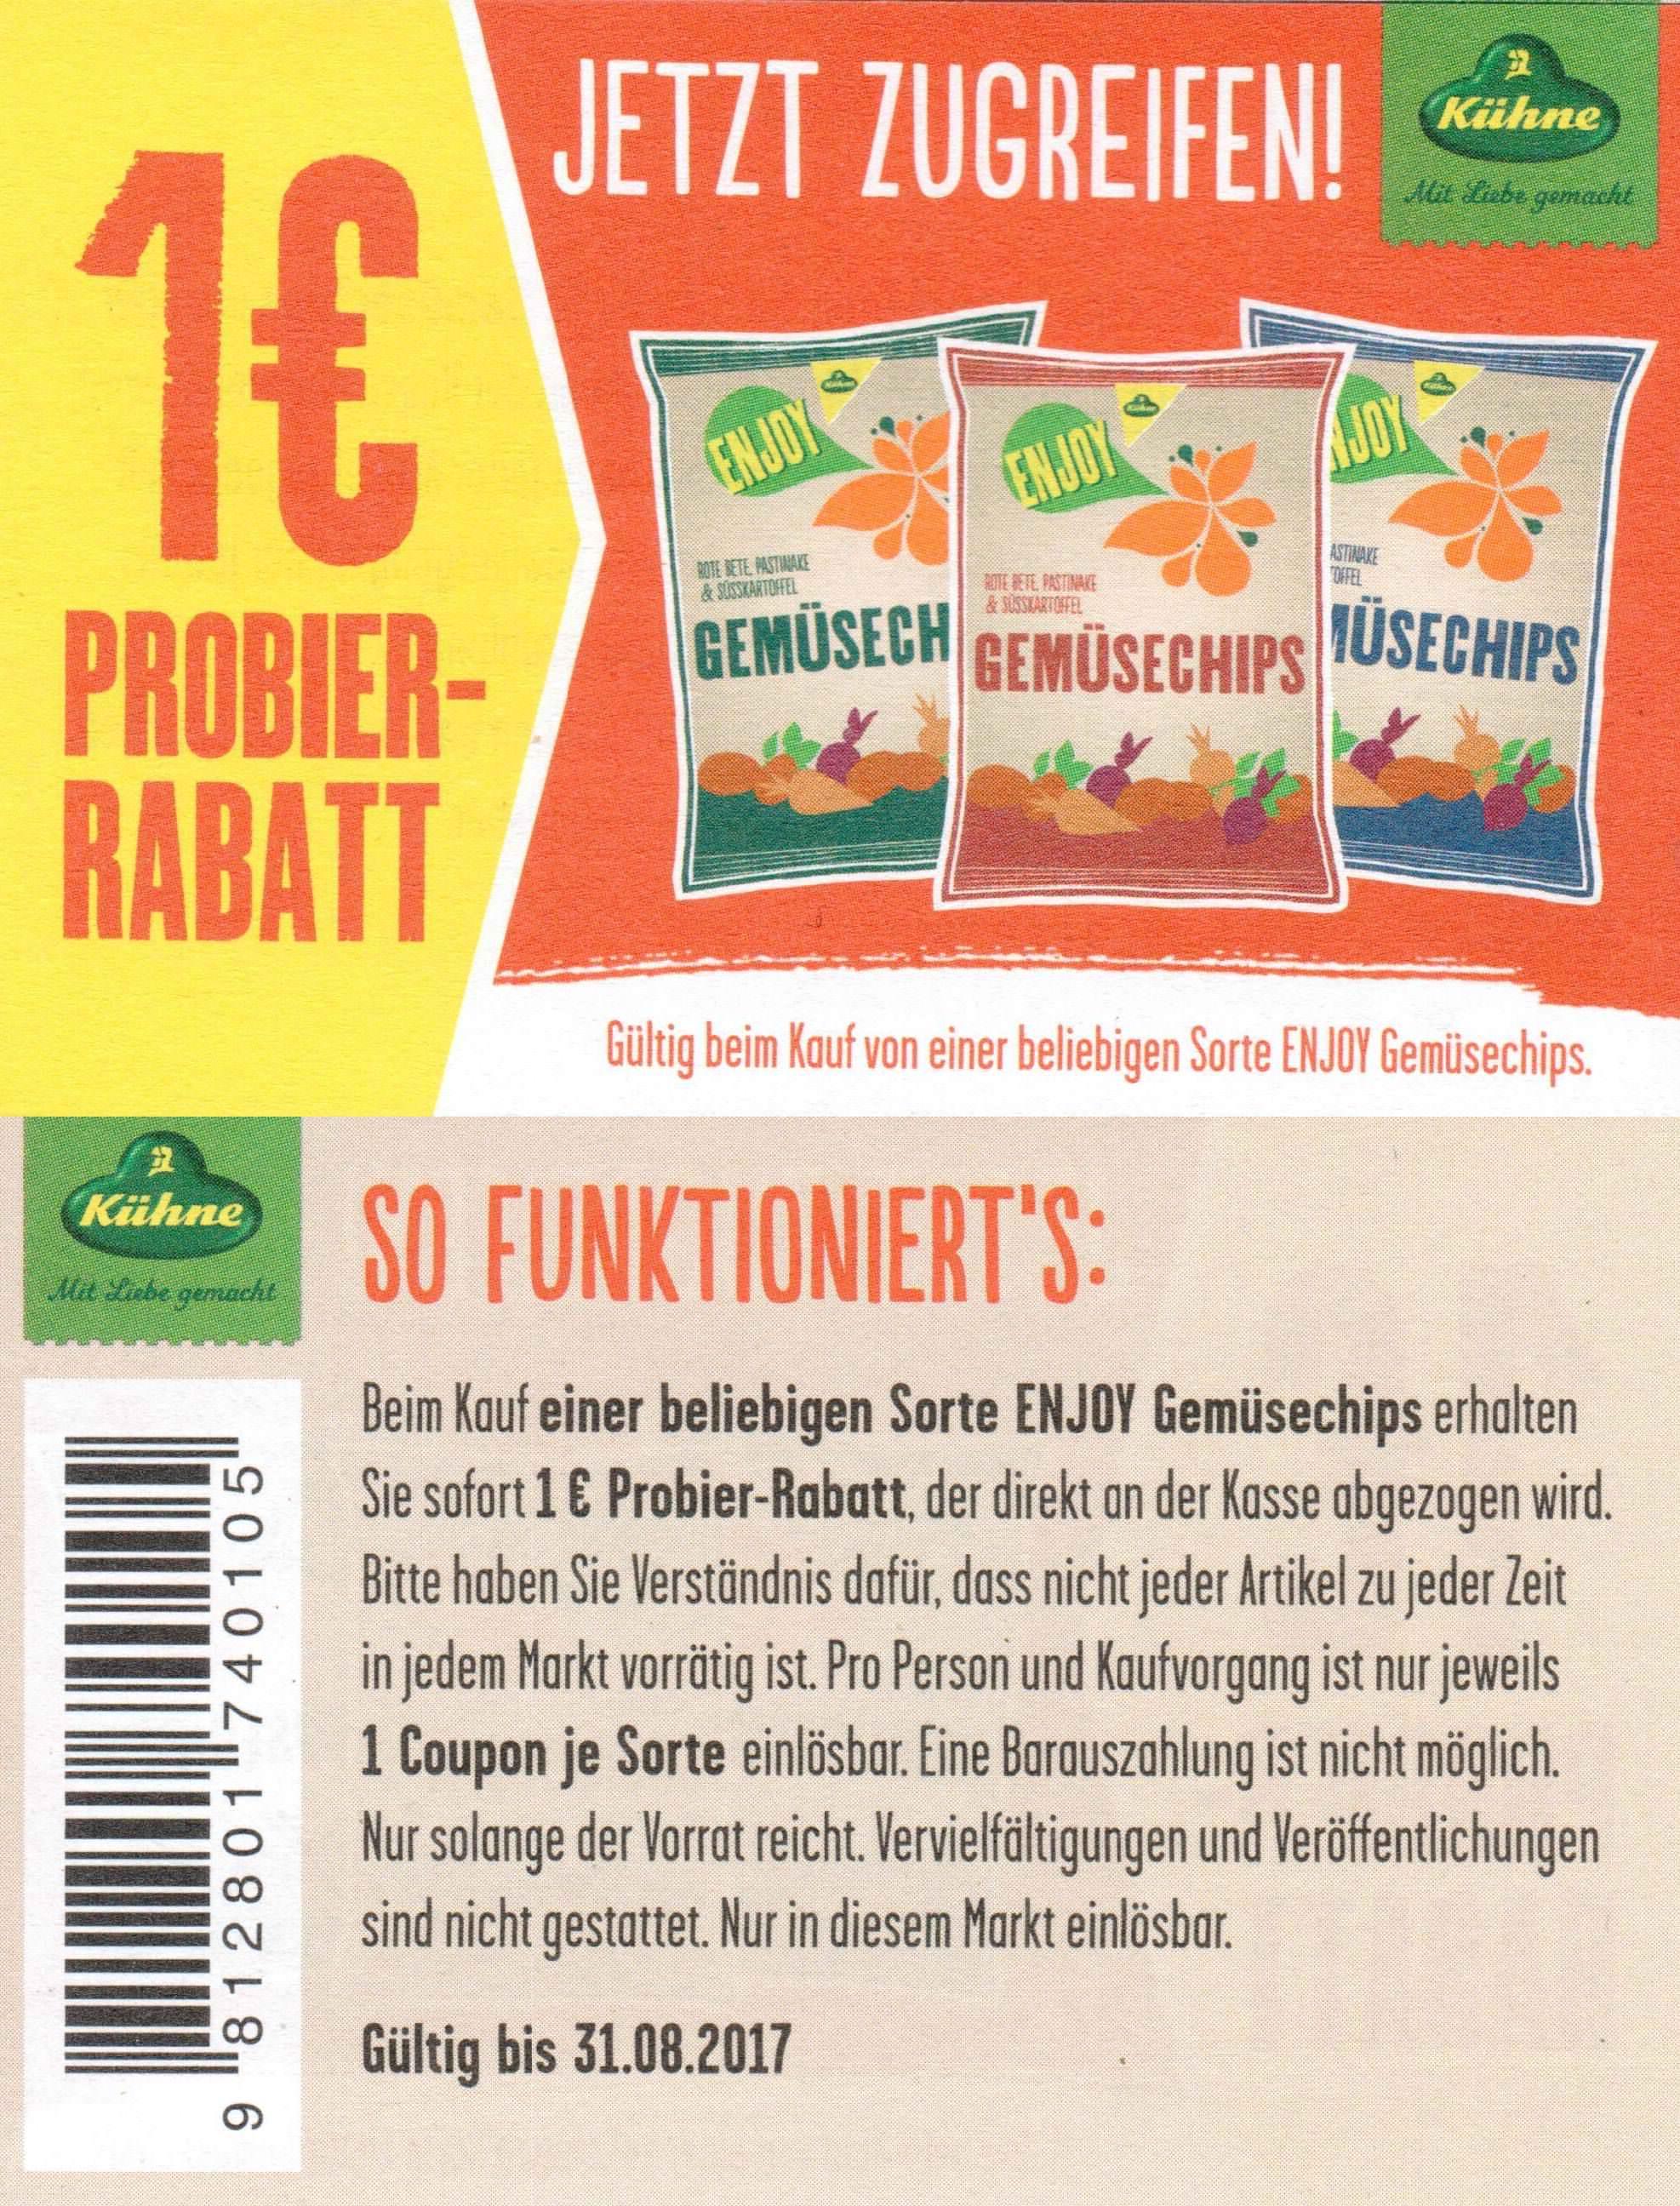 1,00€ Sofort-Rabatt-Coupon für eine Packung Kühne Gemüsechips bis 31.08.2017